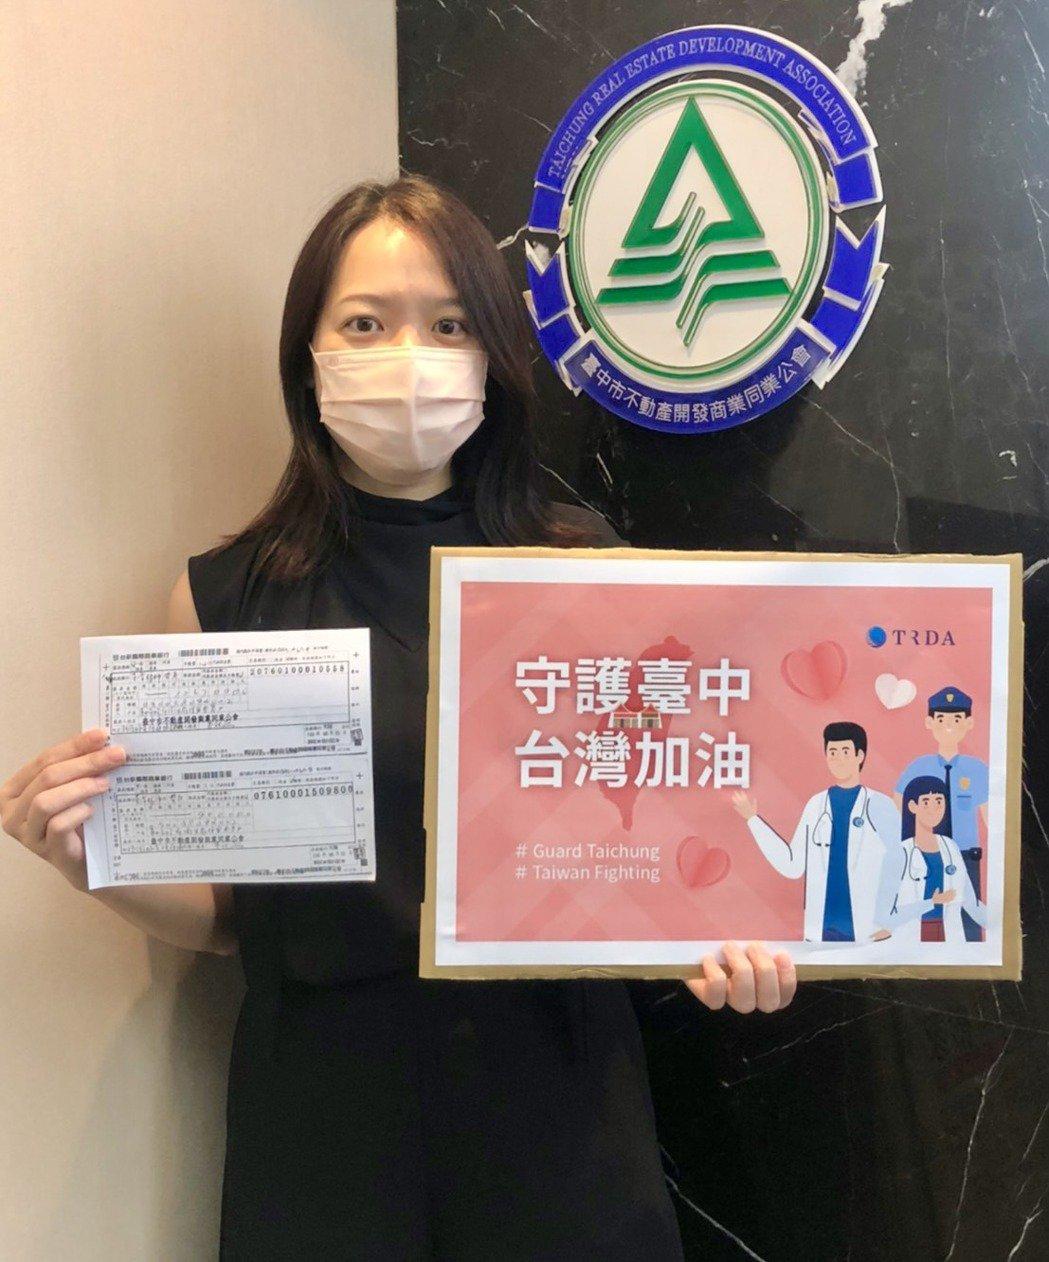 不動產開發公會「守護台中抗疫計畫」二天募得1357萬元